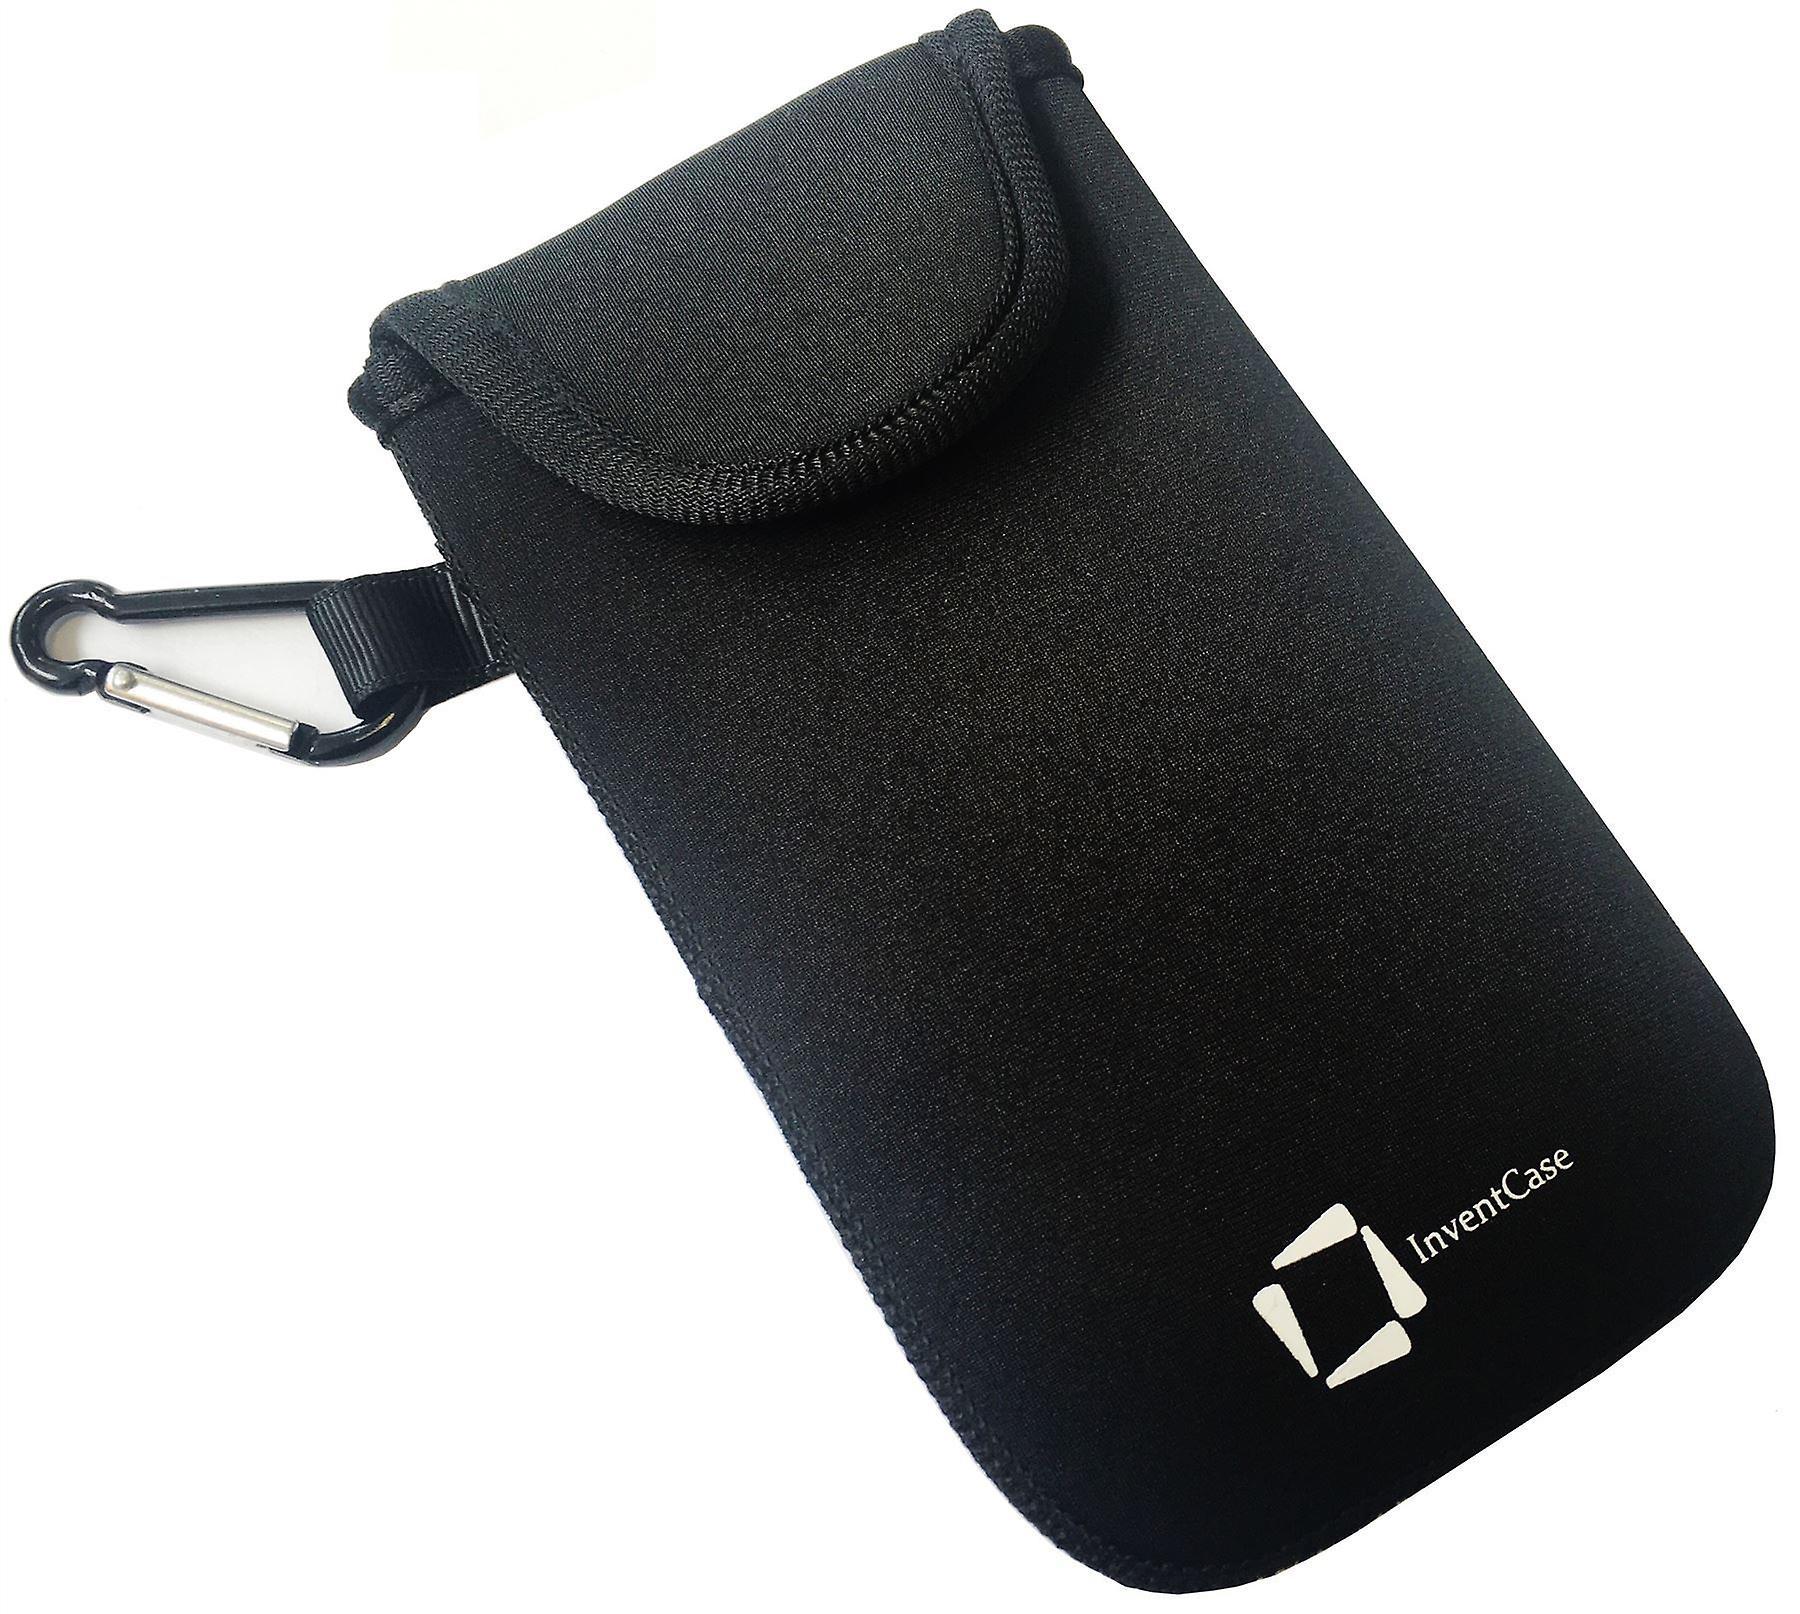 كيس تغطية القضية الحقيبة واقية مقاومة لتأثير النيوبرين إينفينتكاسي مع إغلاق Velcro والألمنيوم Carabiner لل جي G4c--الأسود